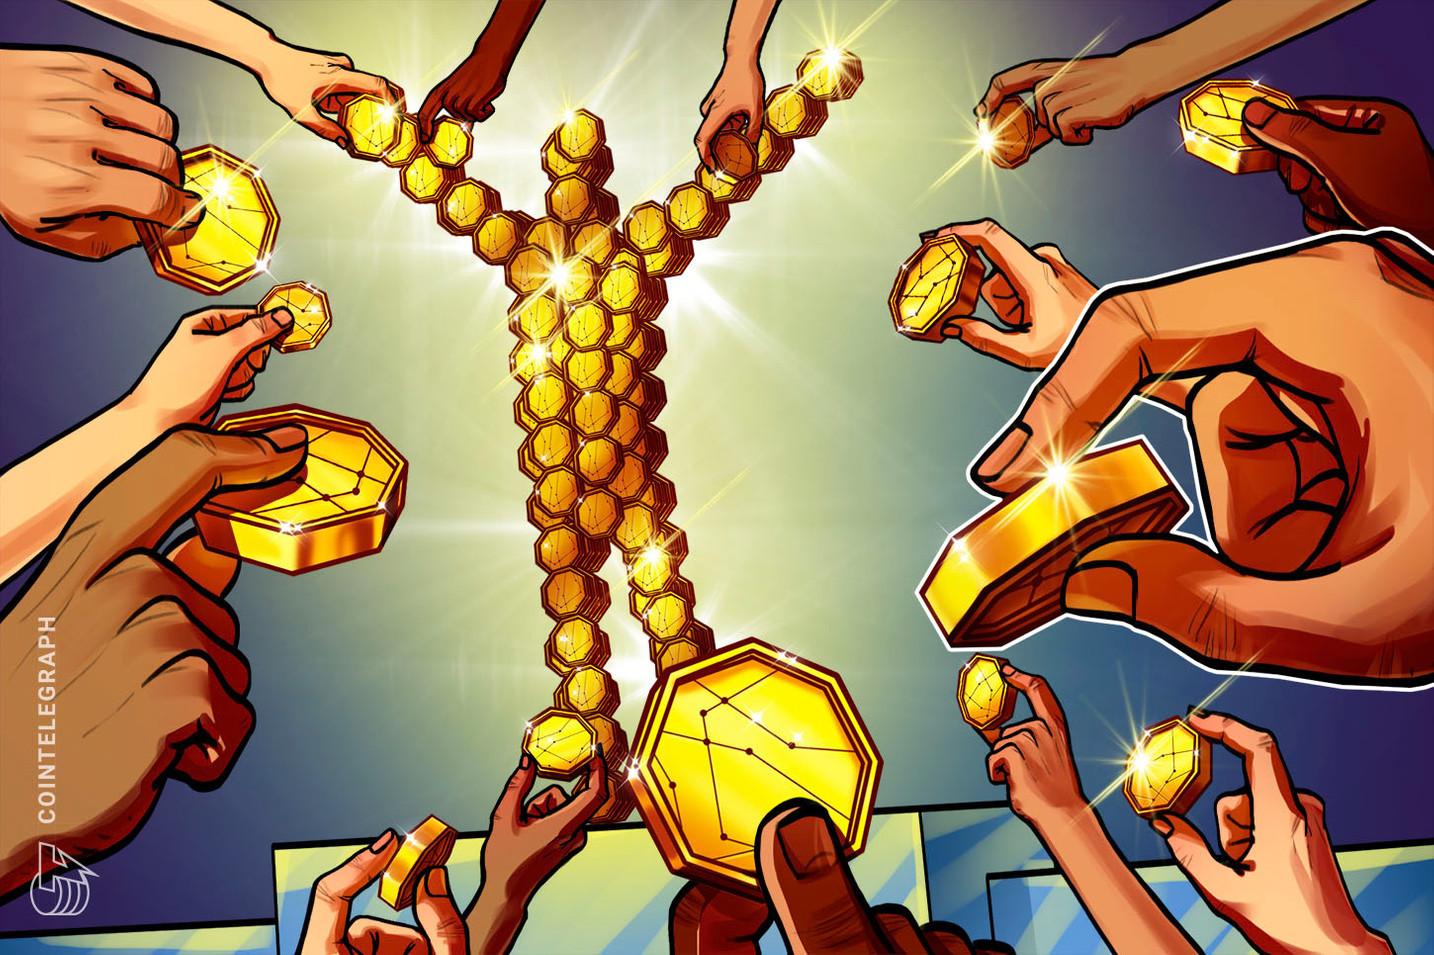 La utilidad comercial de la tokenización será debatida en encuentro virtual